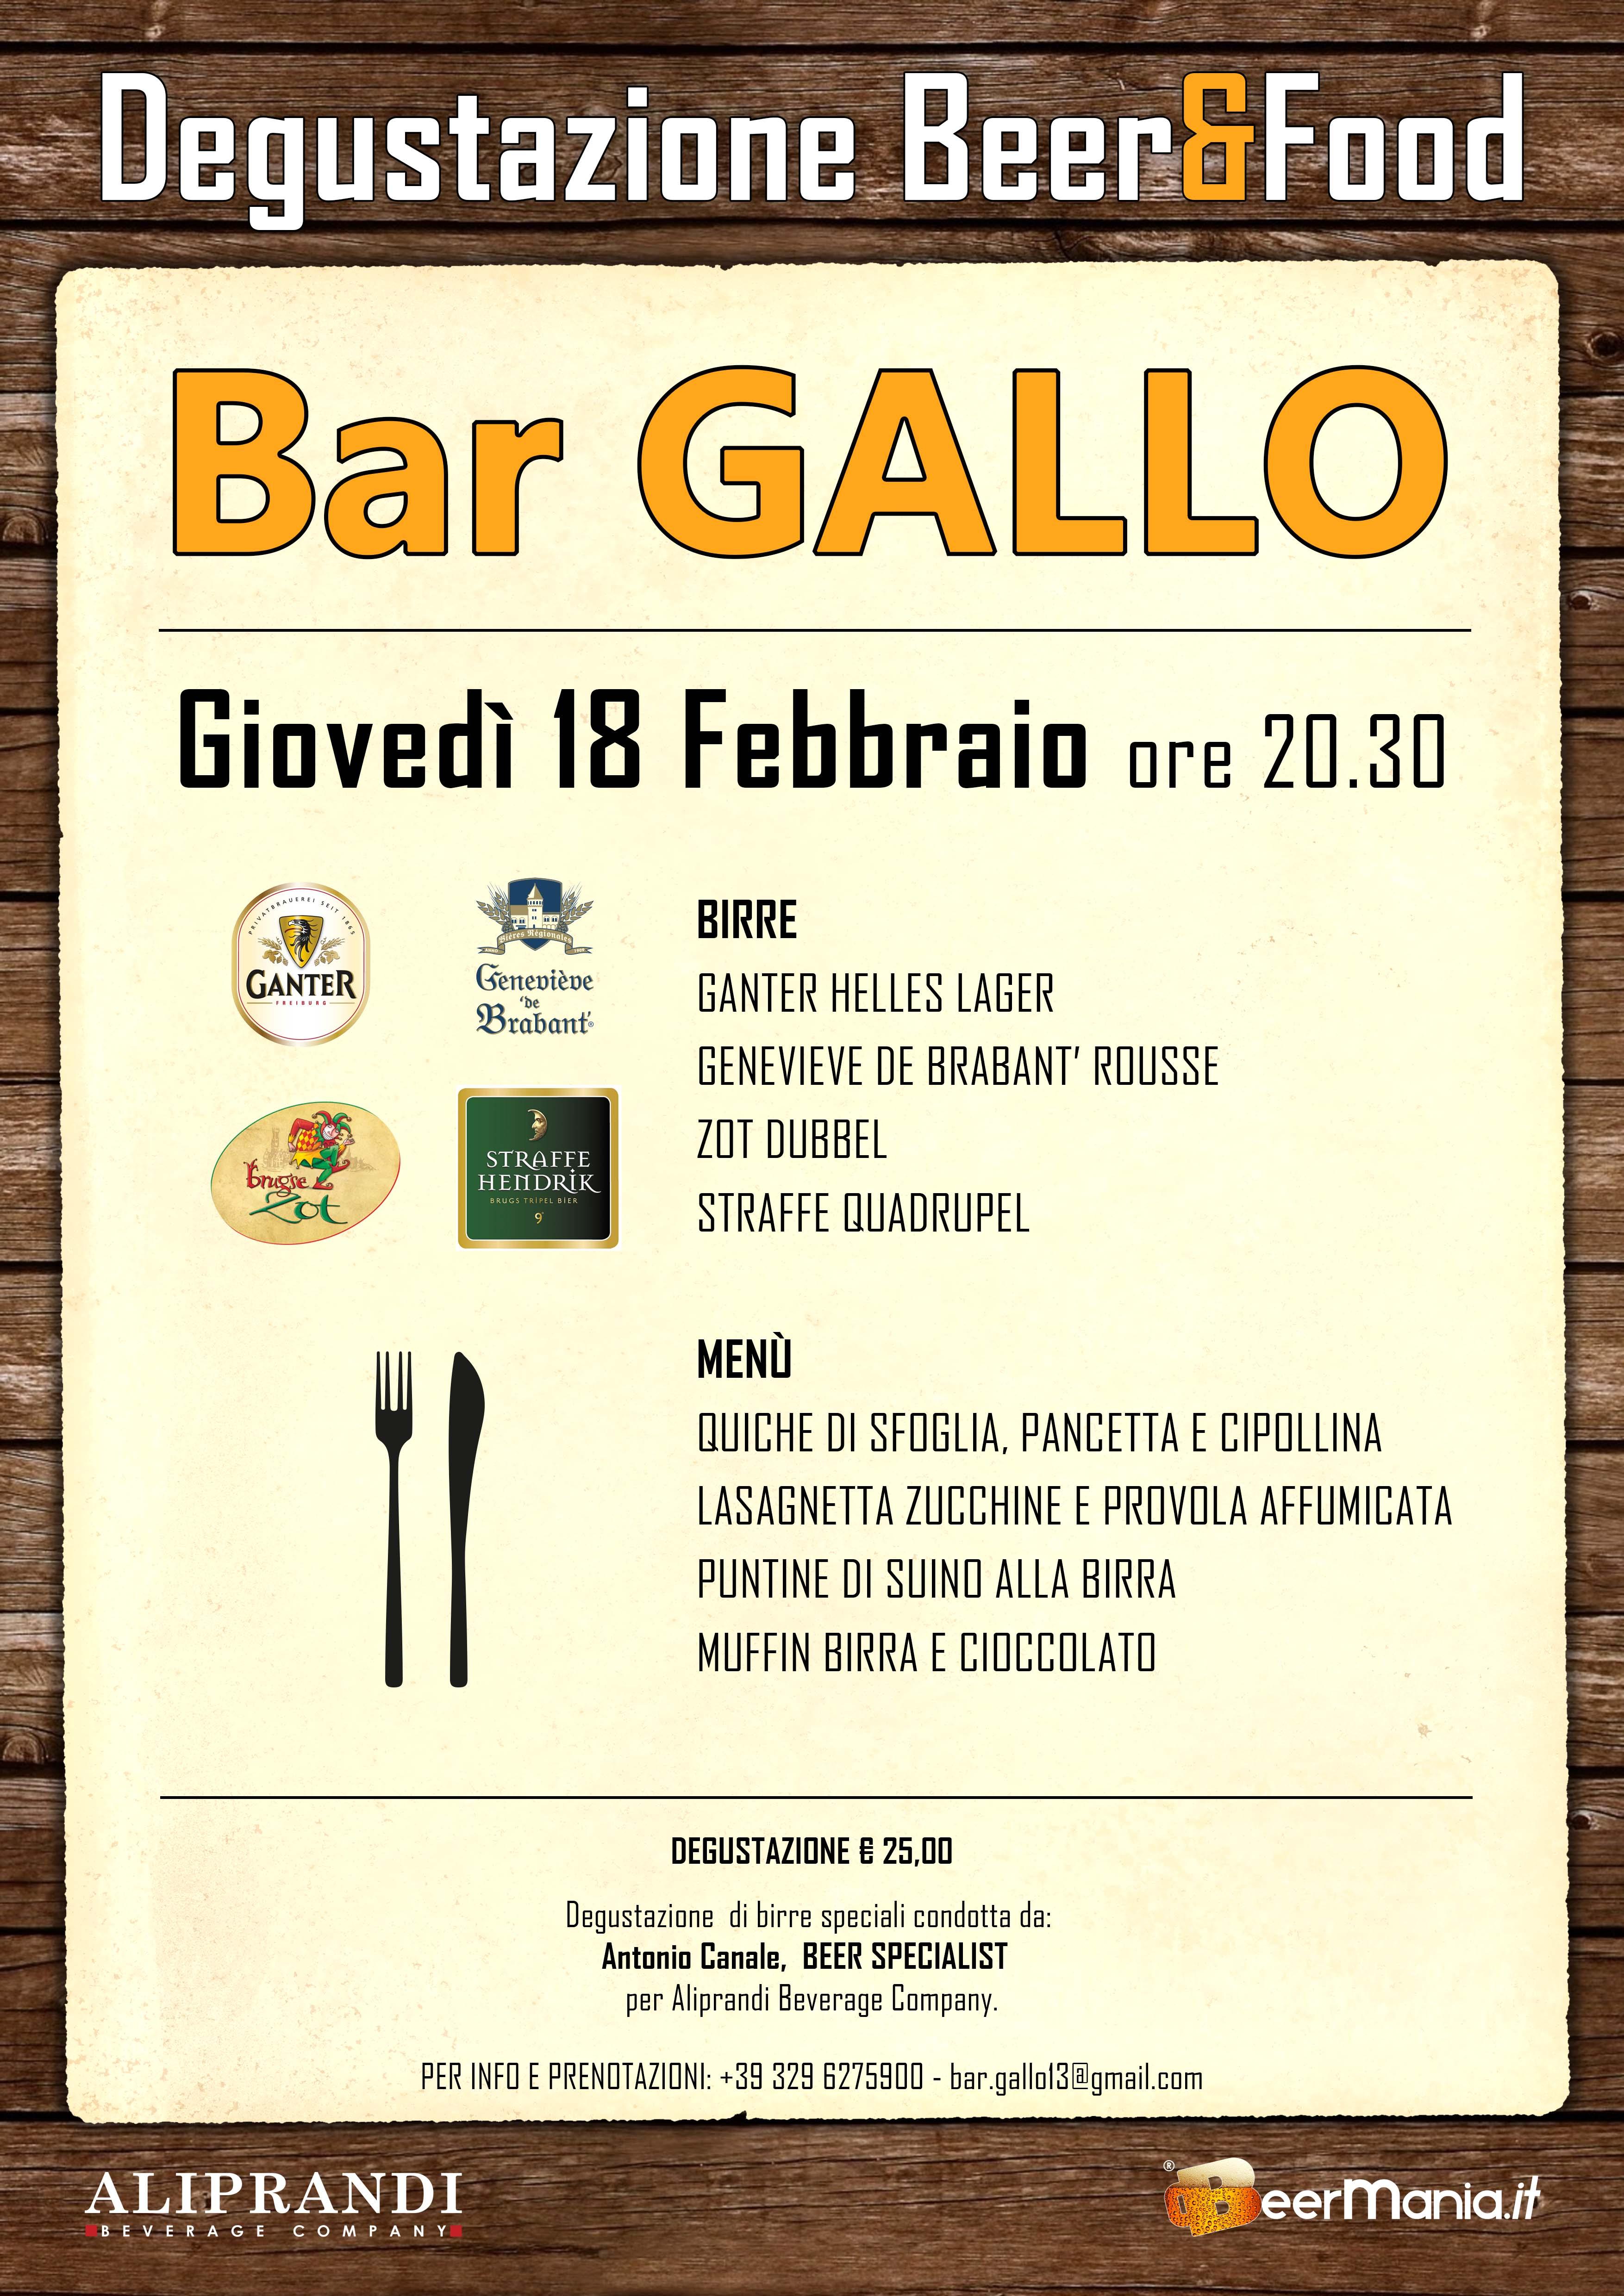 Bar Gallo 18.2.16